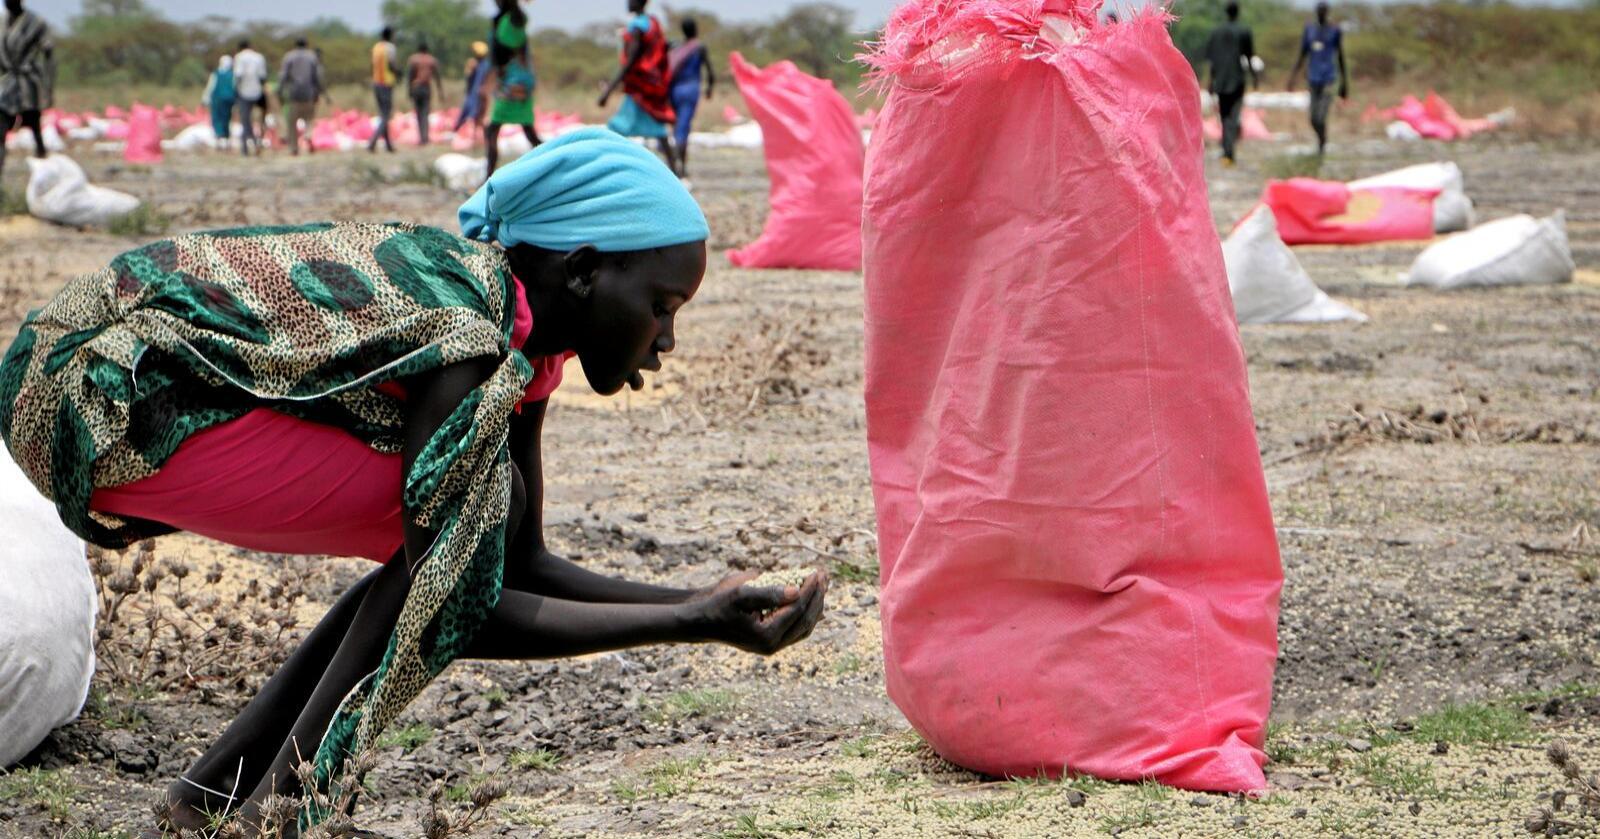 Mat: Sør-Sudan er hardt råka av krig og svolt. På biletet frå 2018 sopar ei kvinne opp sorghum frå bakken etter eit flydropp frå Verdas matprogram. Foto: Sam Mednick / AP / NTB scanpix